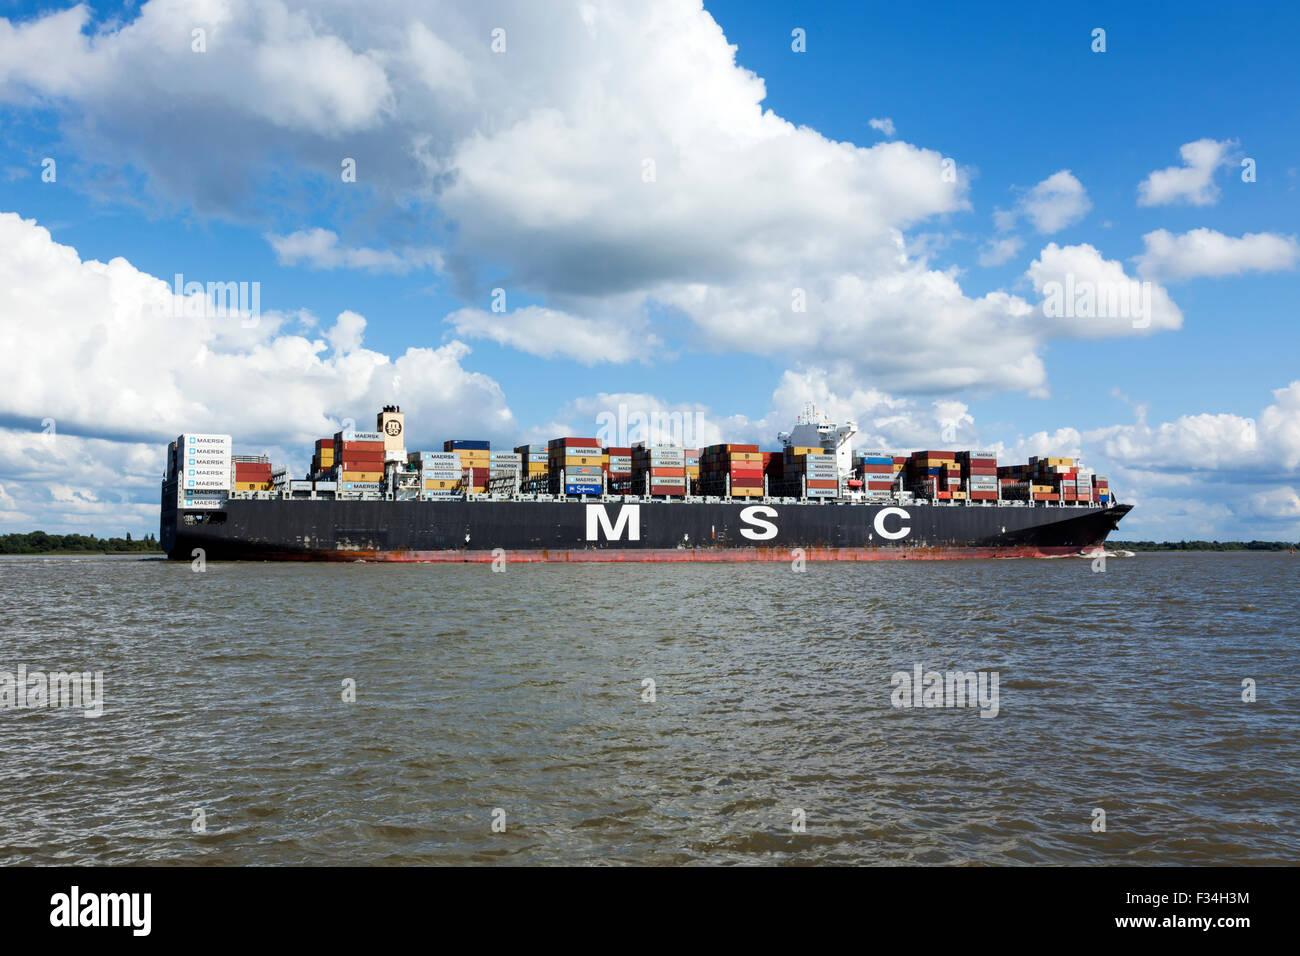 Buque portacontenedores MSC Lauren en el río Elba con rumbo al puerto de Hamburgo Imagen De Stock